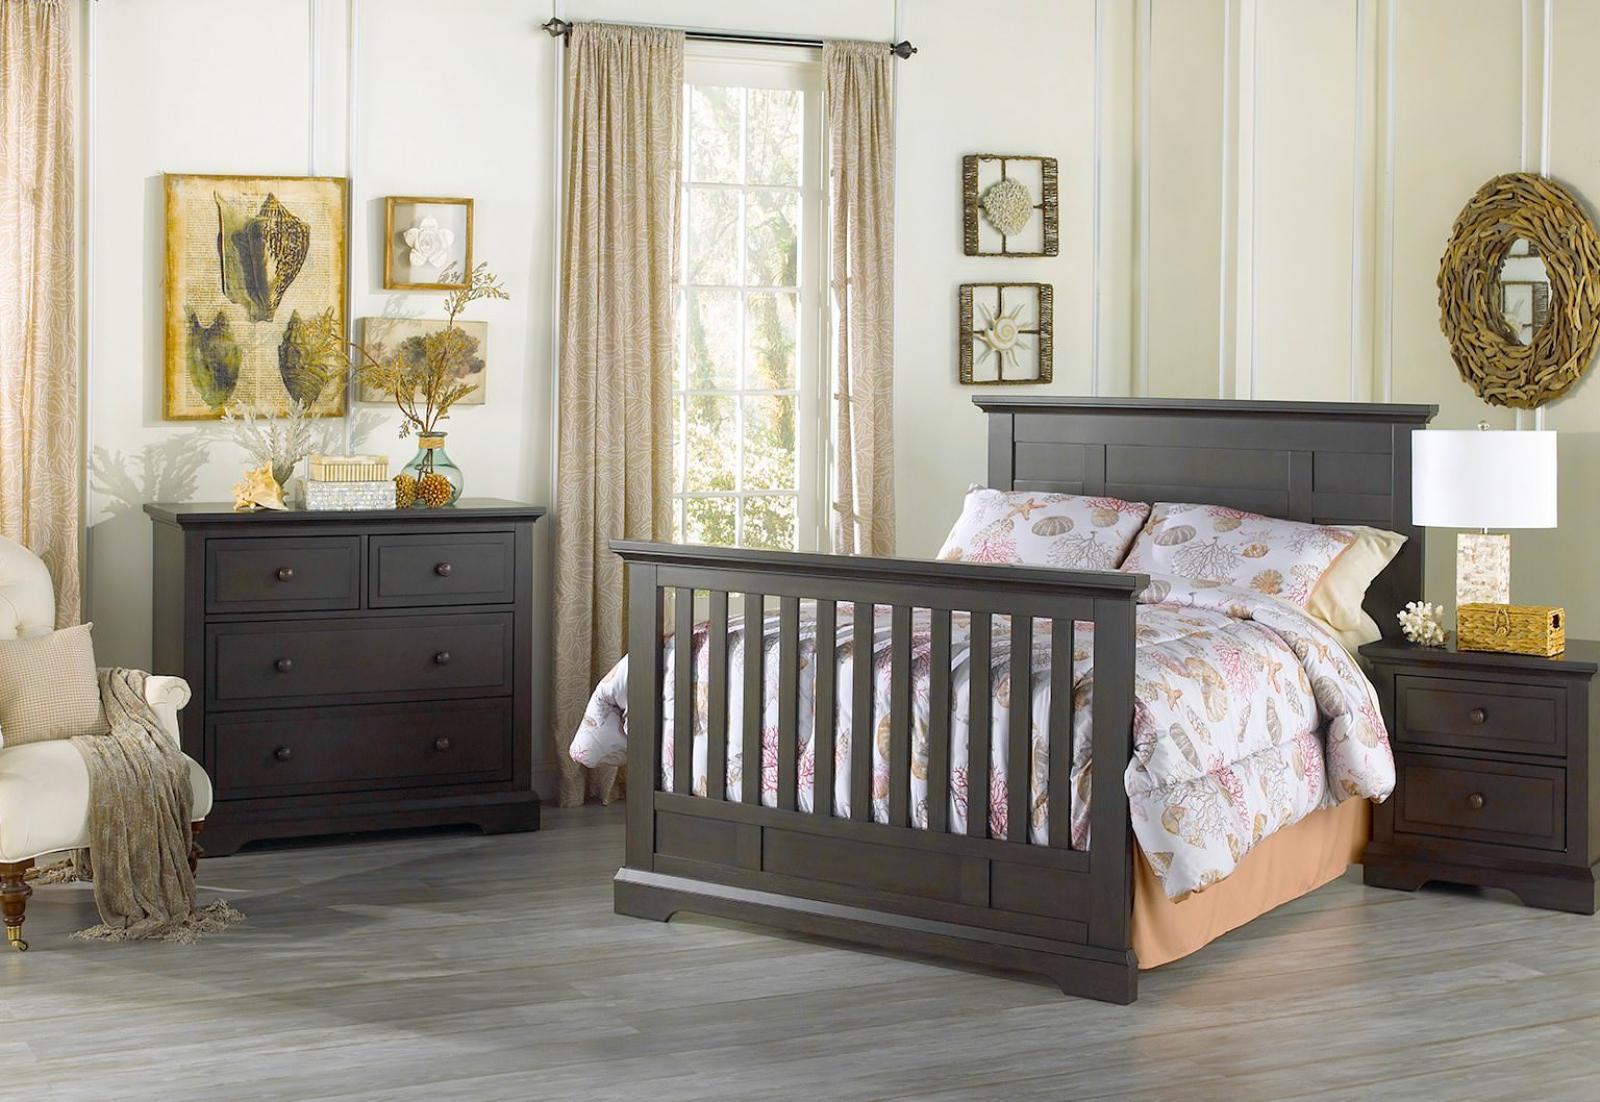 Crib for sale dallas - Dallas Collection Full Bed